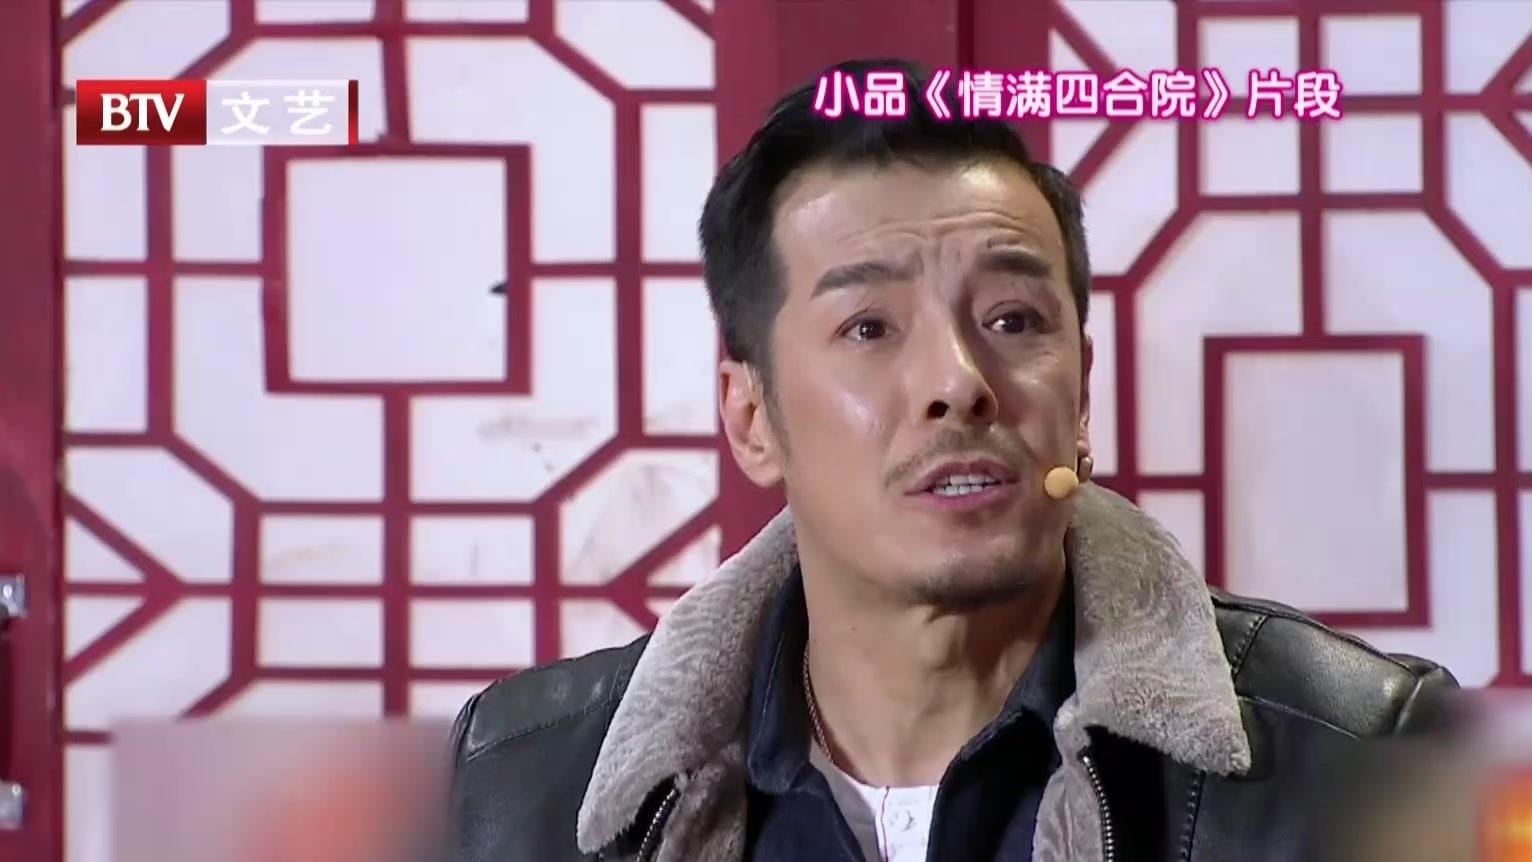 """演员抢滩喜剧界之再相聚:《情满四合院》许大茂""""改邪归正""""?"""